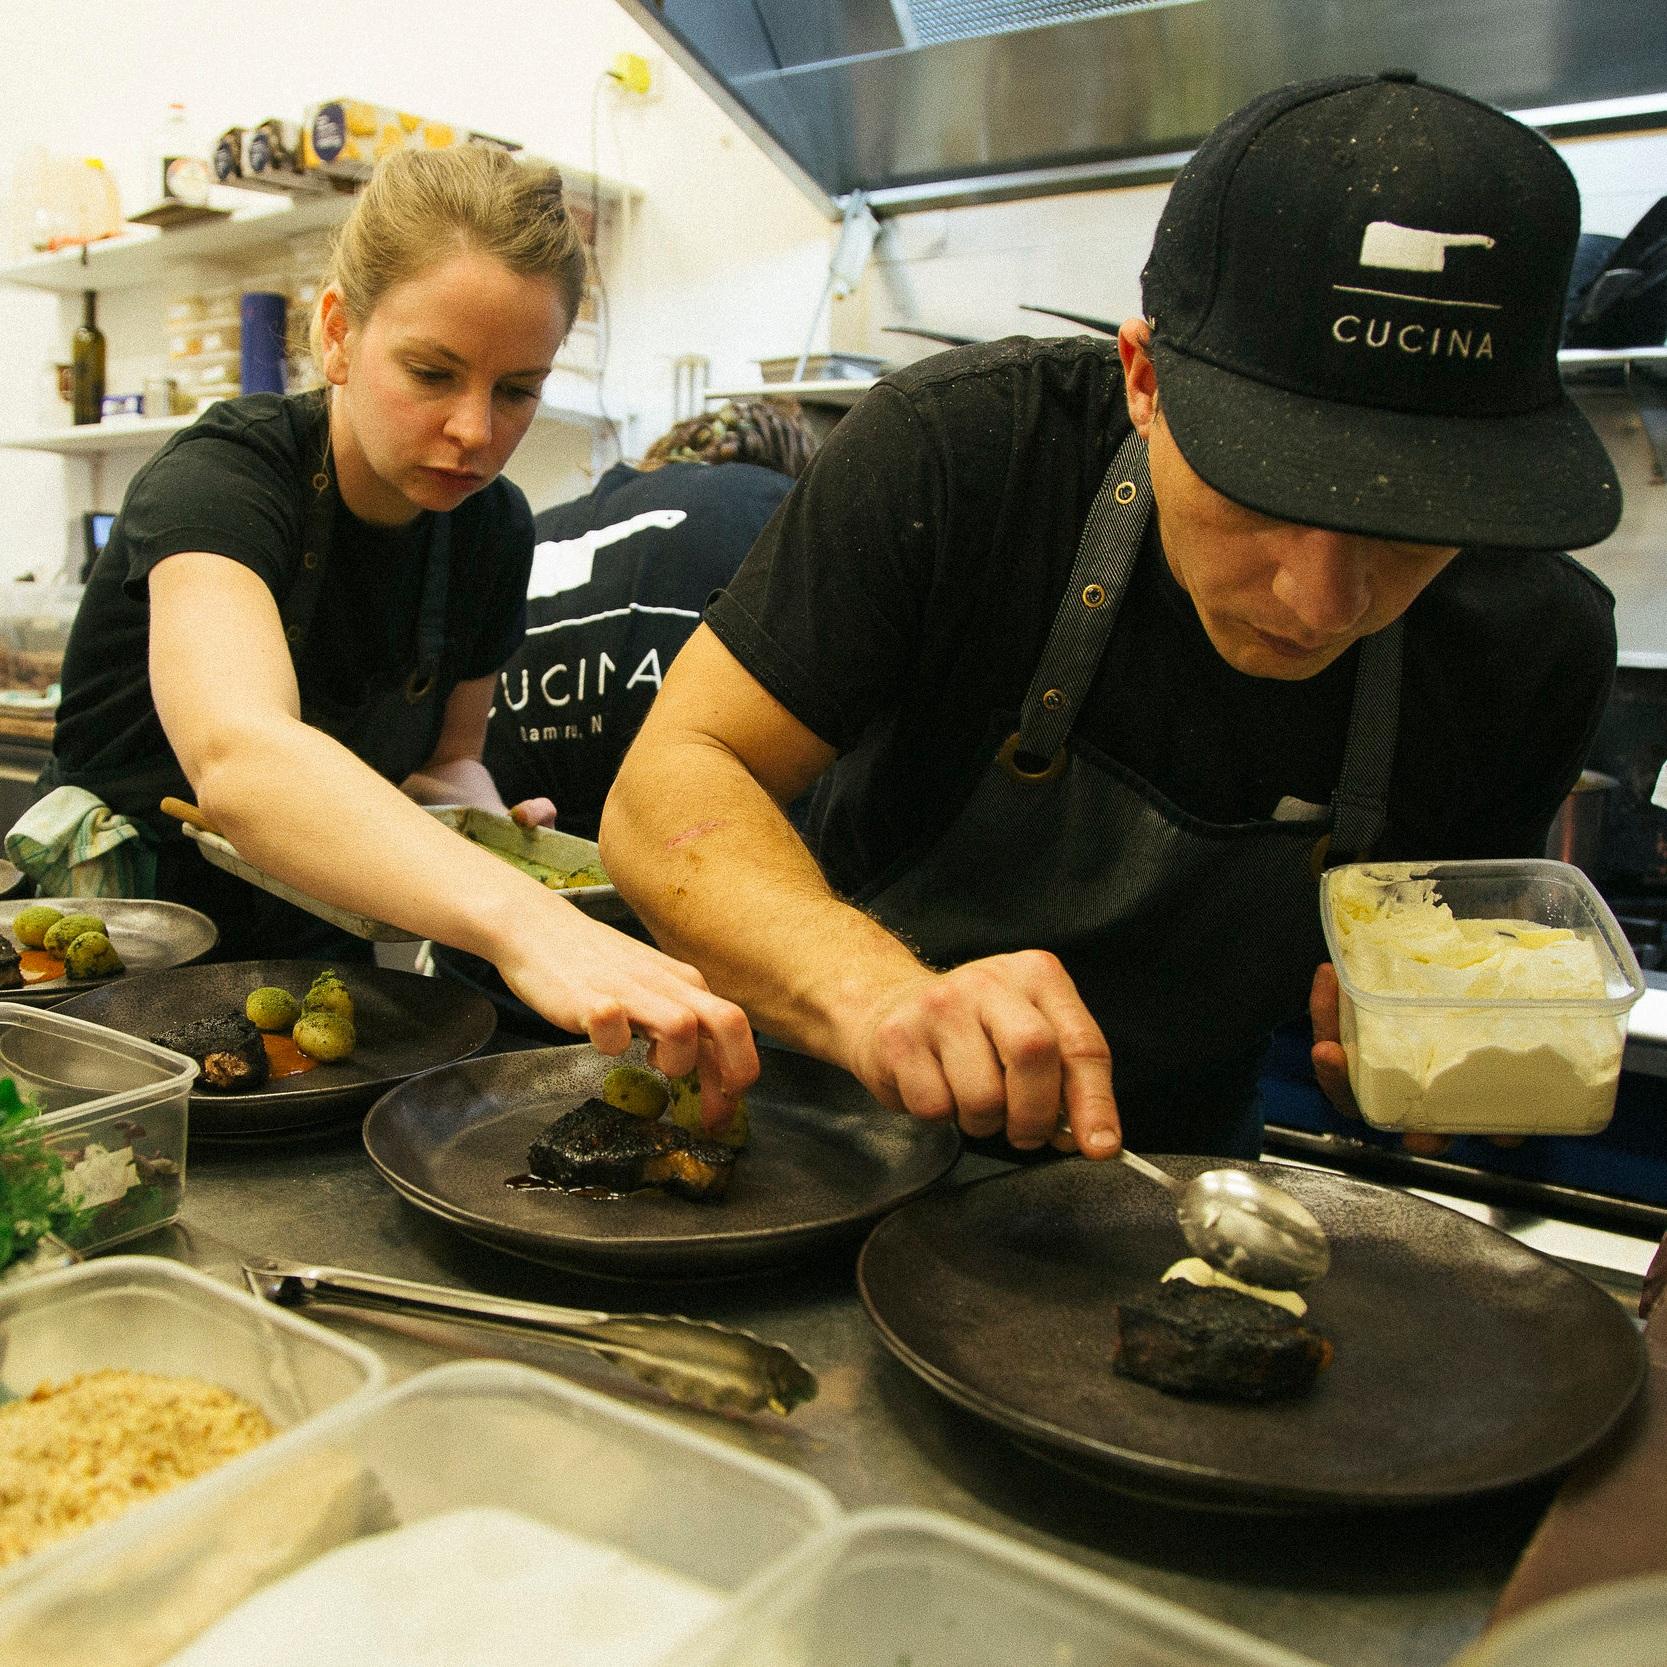 Kitchen action at Cucina